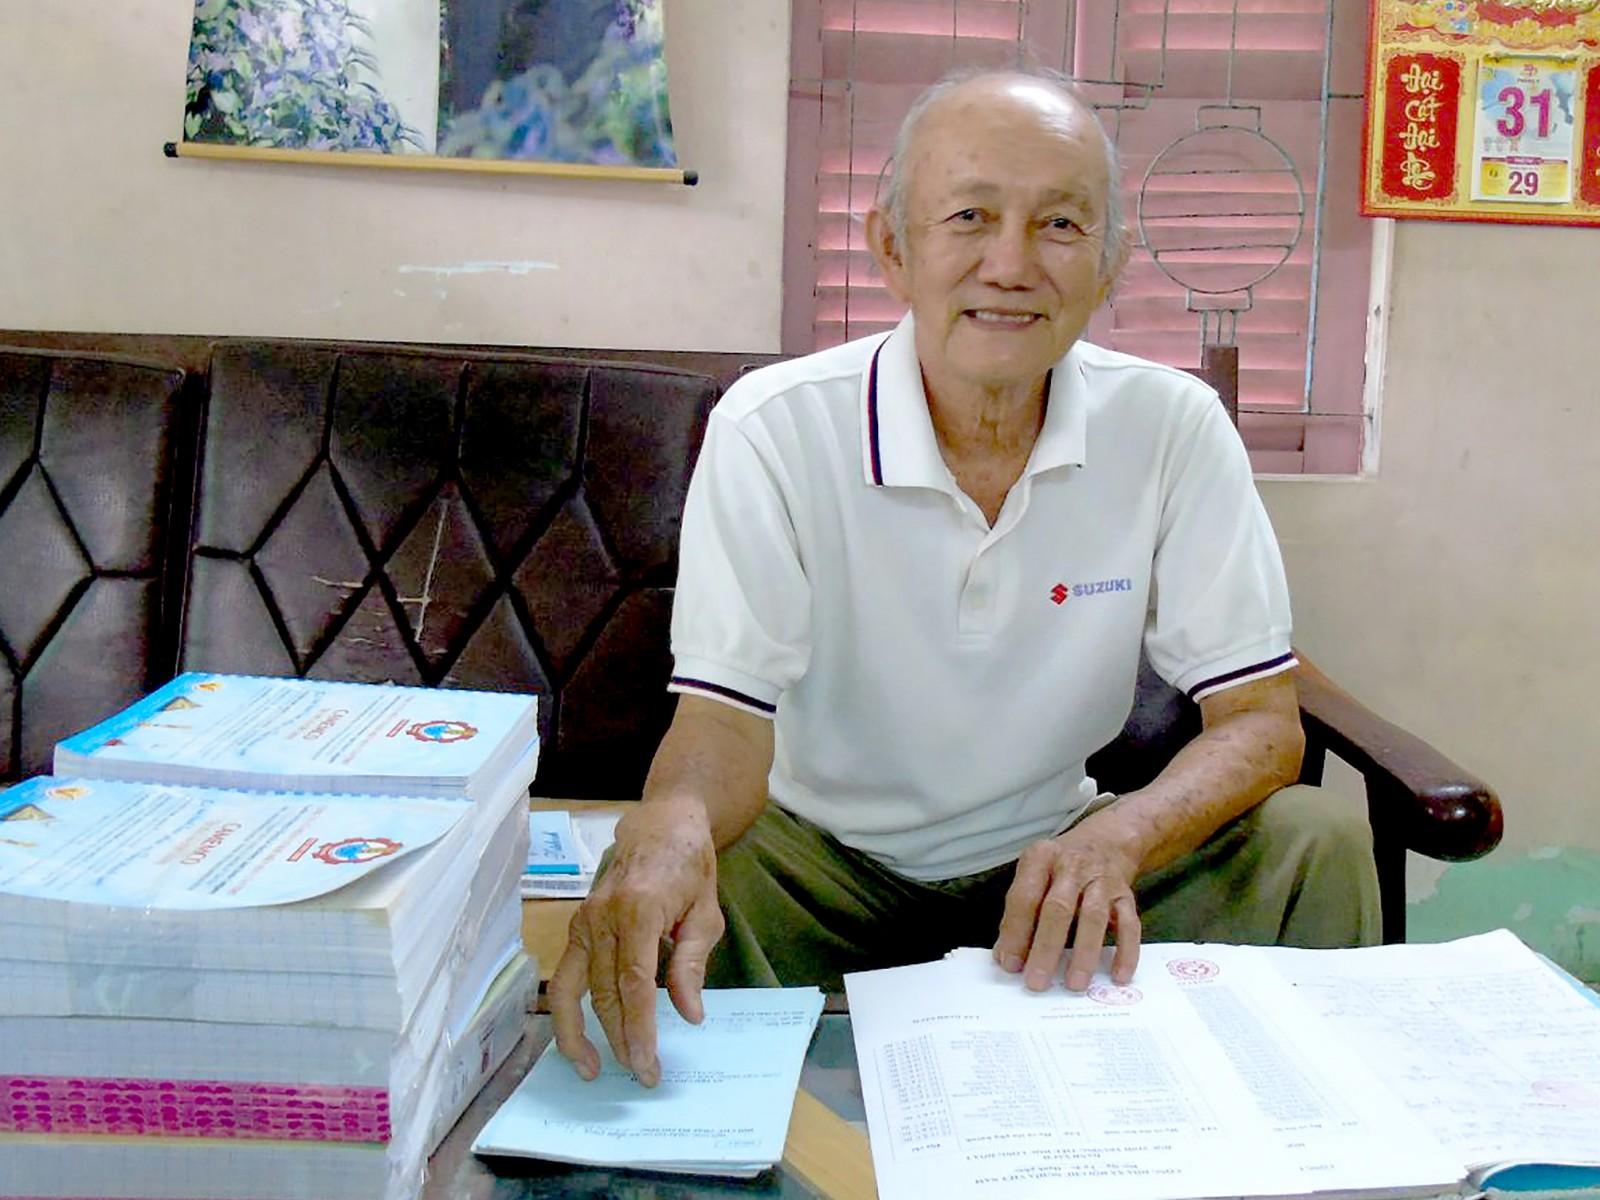 Ông Nam kiểm tra danh sách, chuẩn bị tặng tập cho các cháu nhân dịp khai giảng năm học mới.